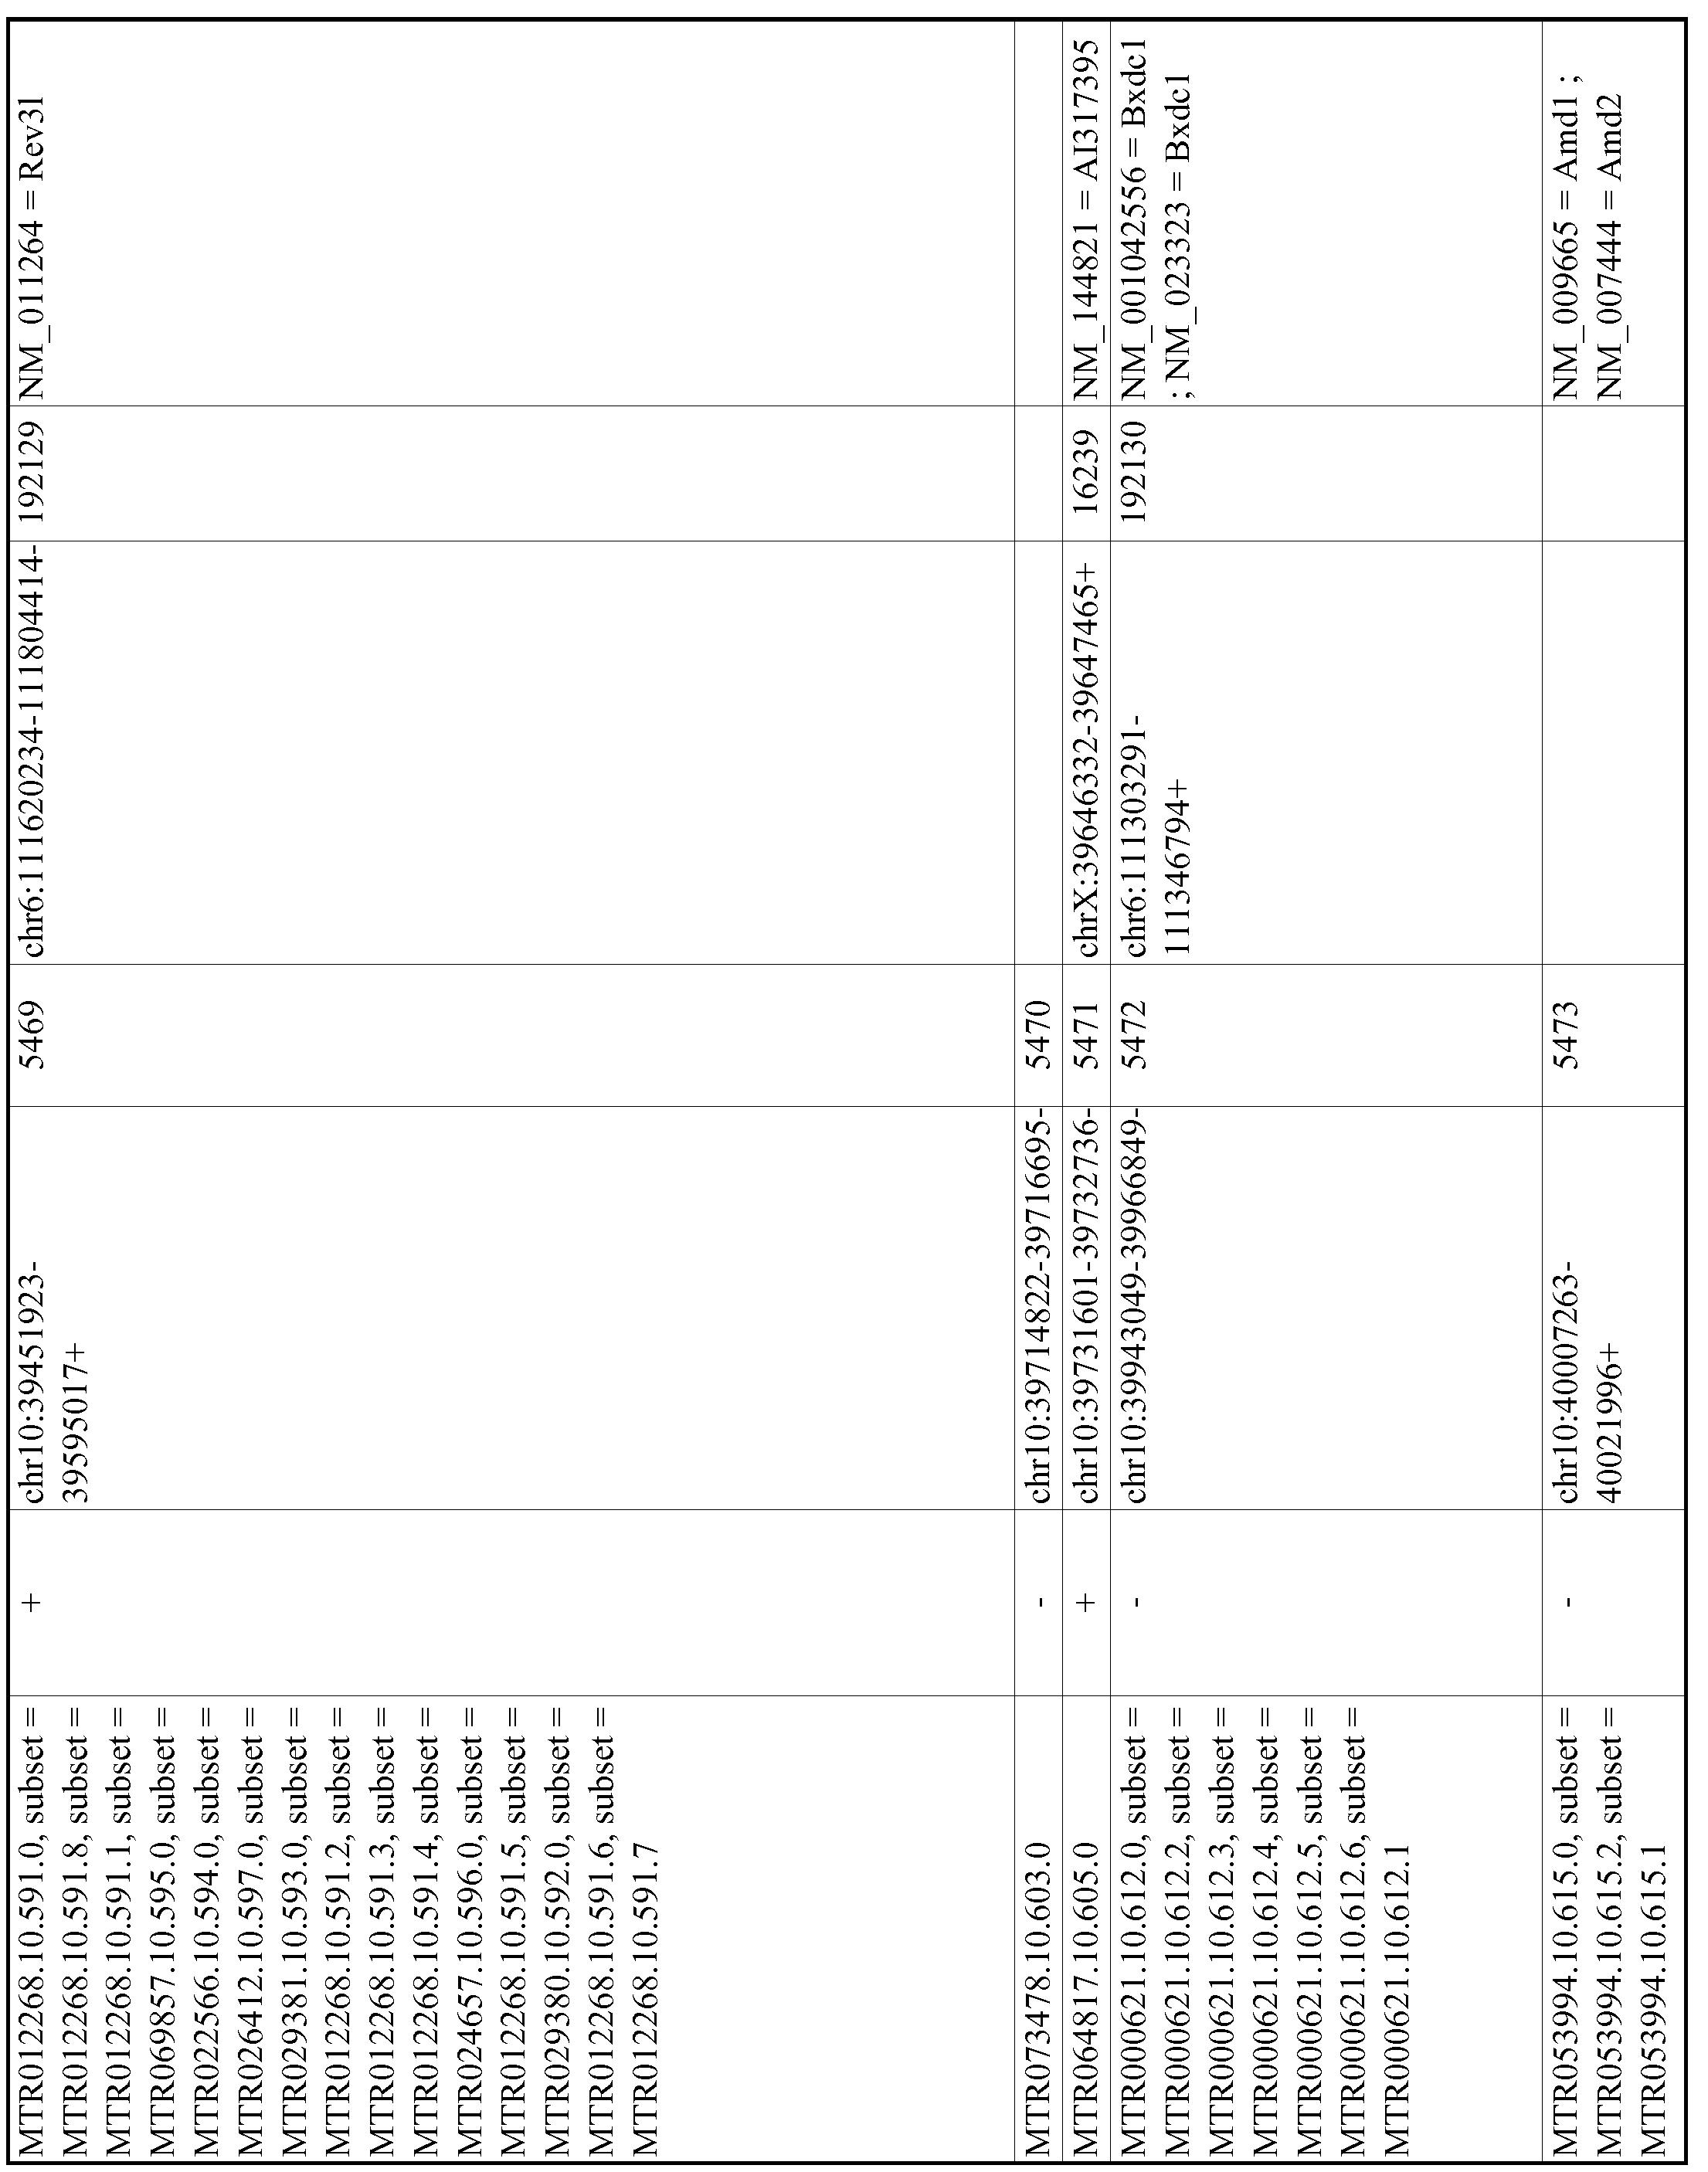 Figure imgf000985_0001